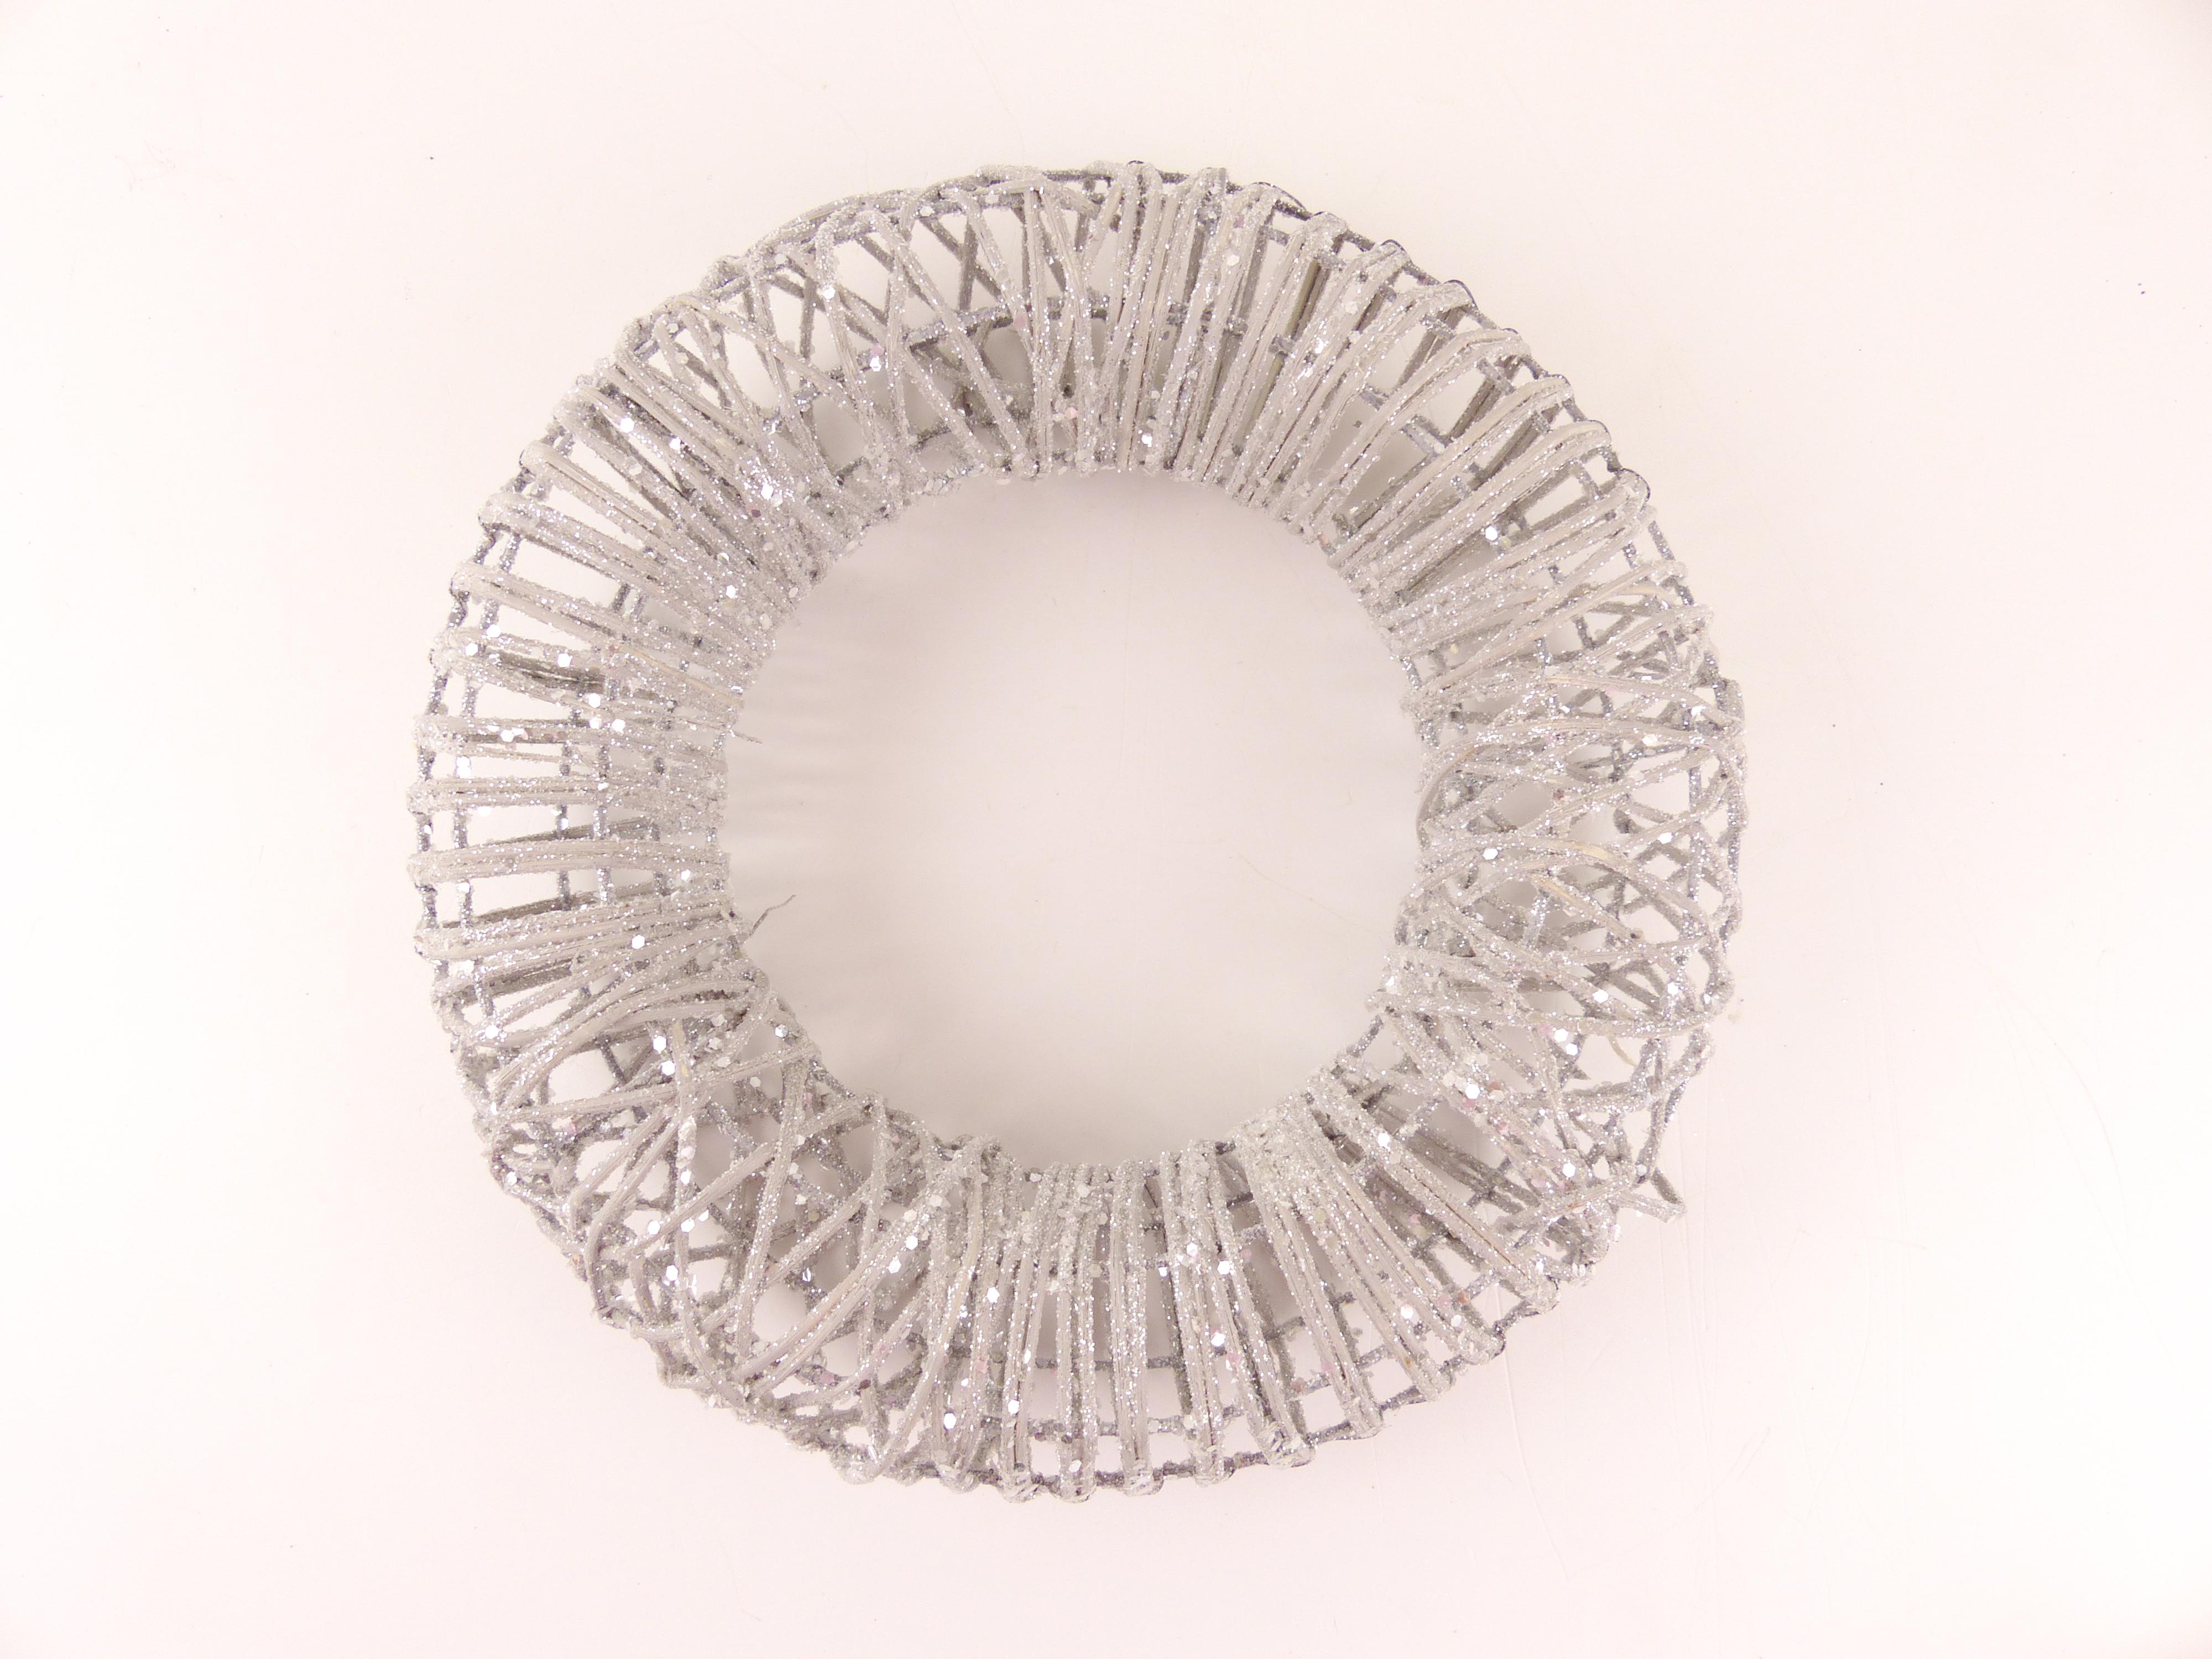 Věnec z proutí s glitry, stříbrný pr.23cm